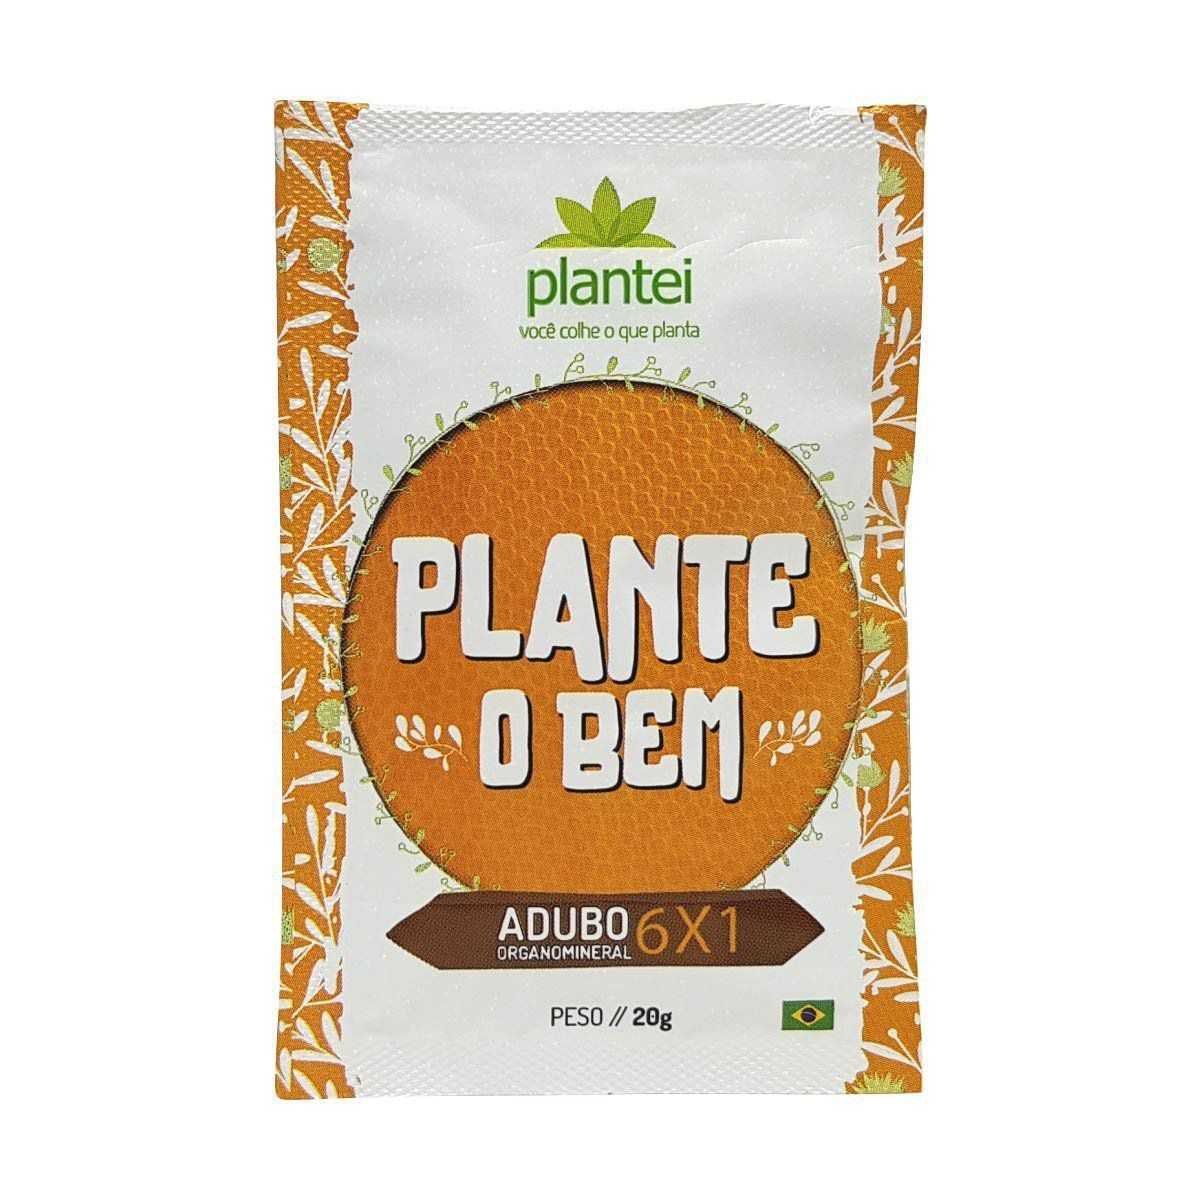 Adubo Plantei 6X1 sachê 20g - Fertilizante para todos os tipos de cultura